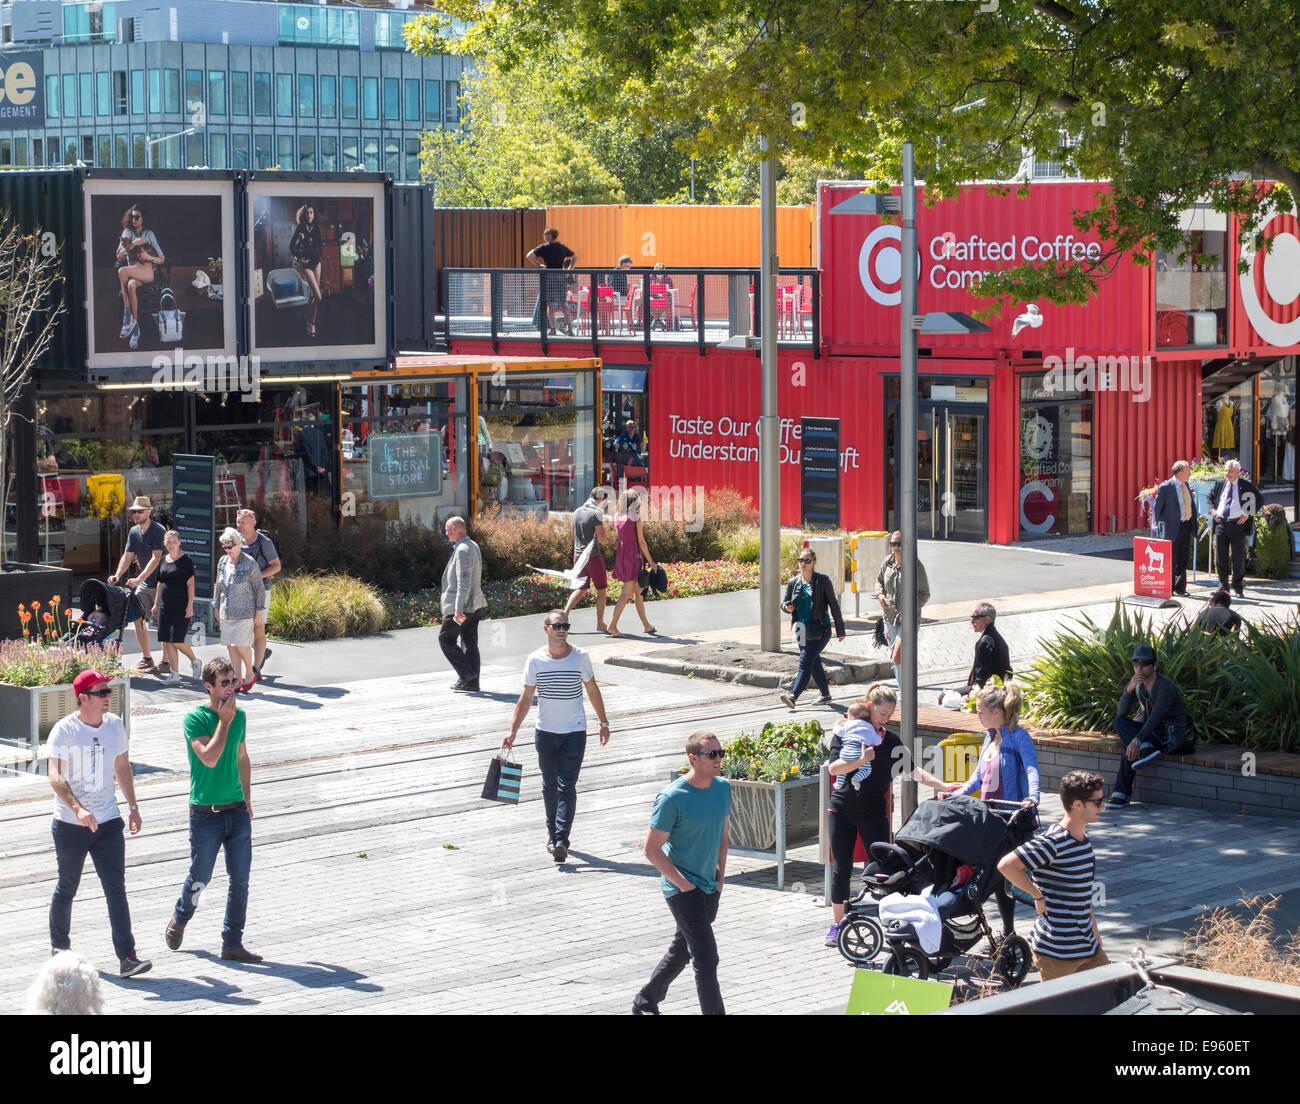 Contenedor de Christchurch Mall, Re:iniciar pop-up Mall o Cashel Street Mall construido a partir de contenedores Imagen De Stock